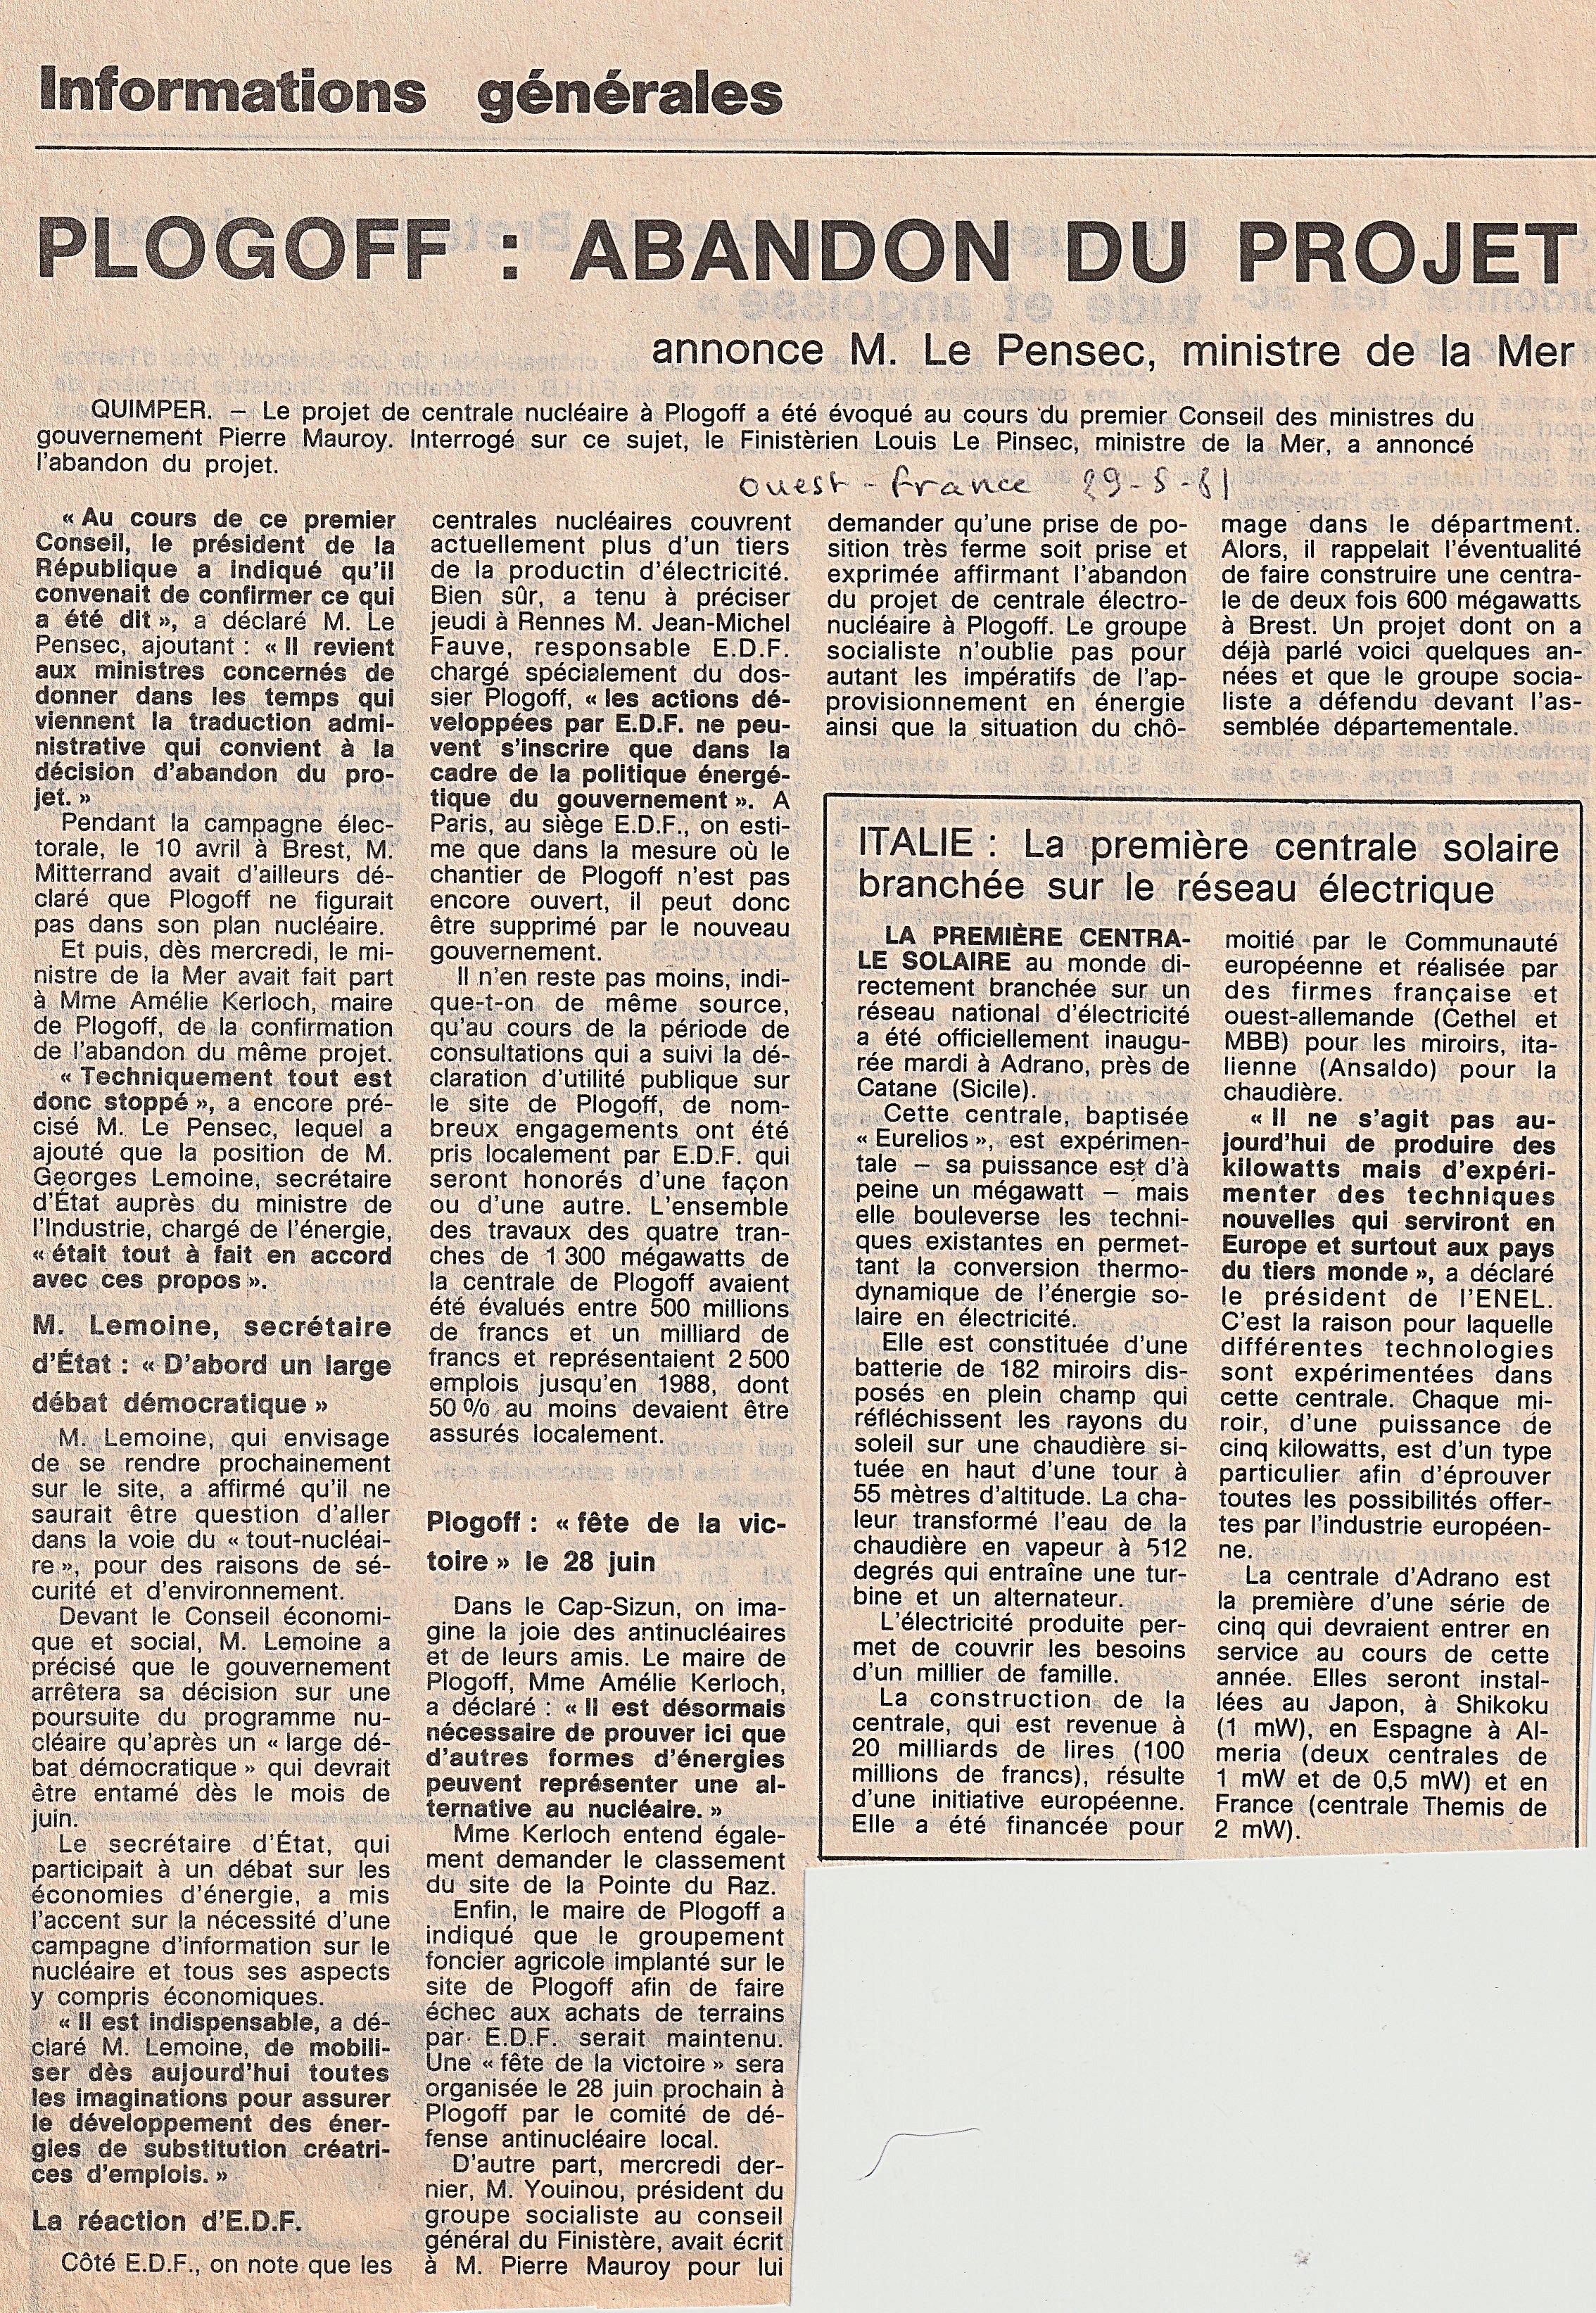 Plogoff abandon du projet Ouest-France 2